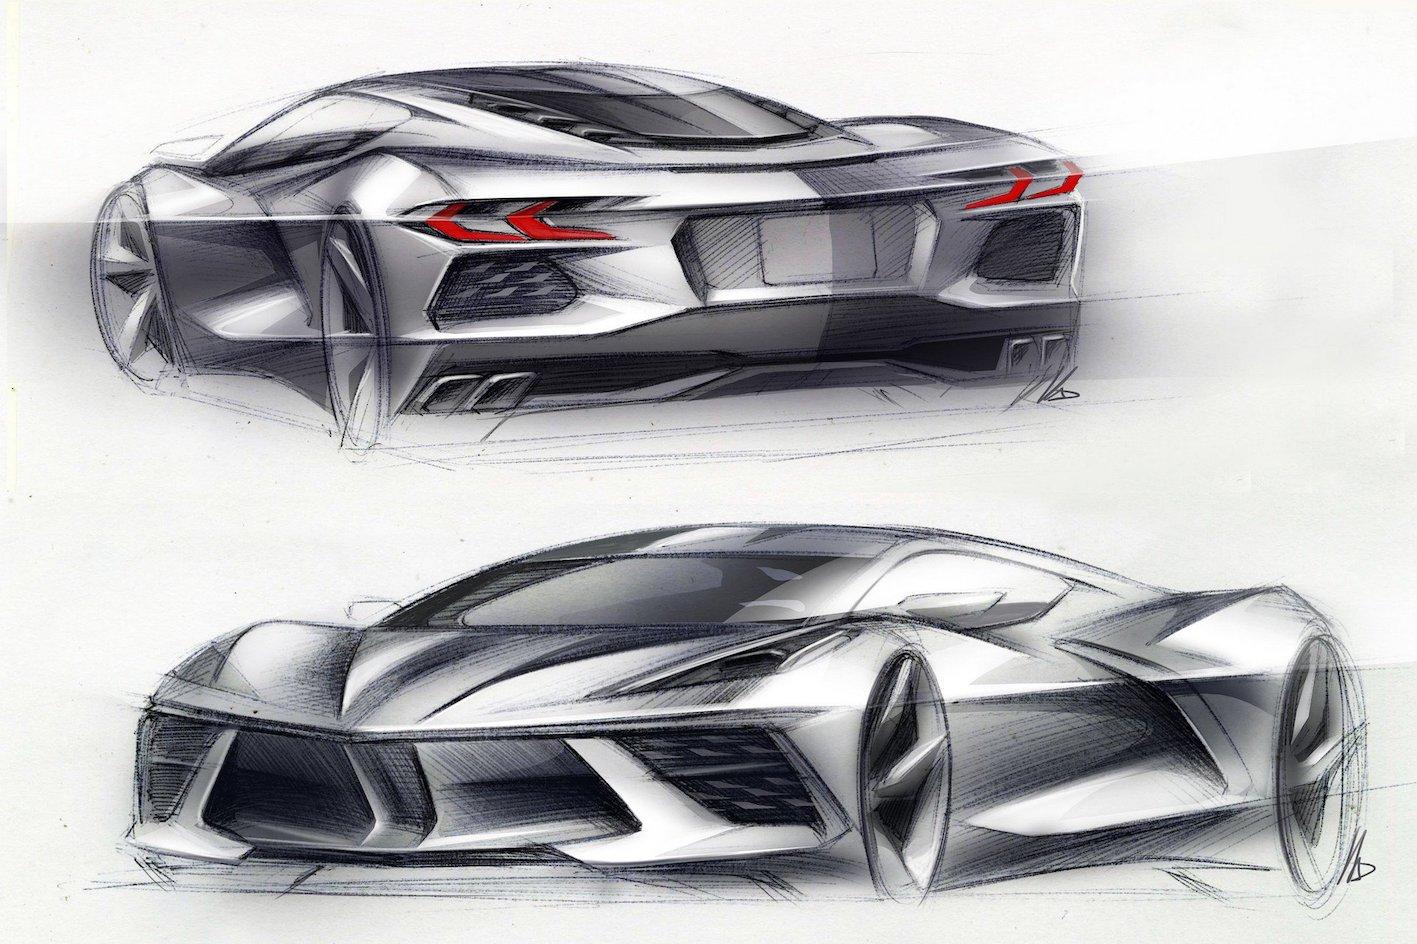 Nouvelle Corvette à moteur central AR : 23 vidéos pour tout savoir